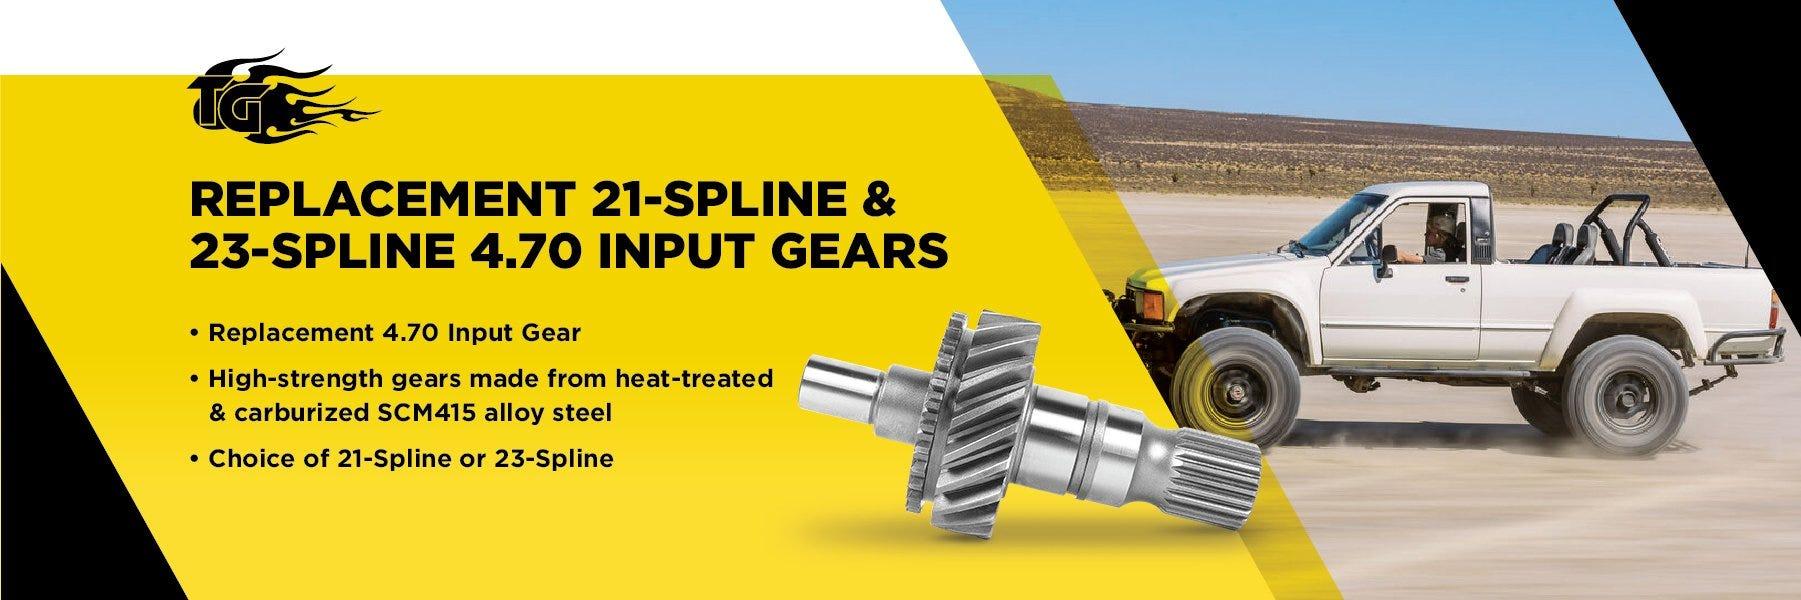 Trail-Gear Replacement 21-Spline & 23-Spline 4.70 Input Gears